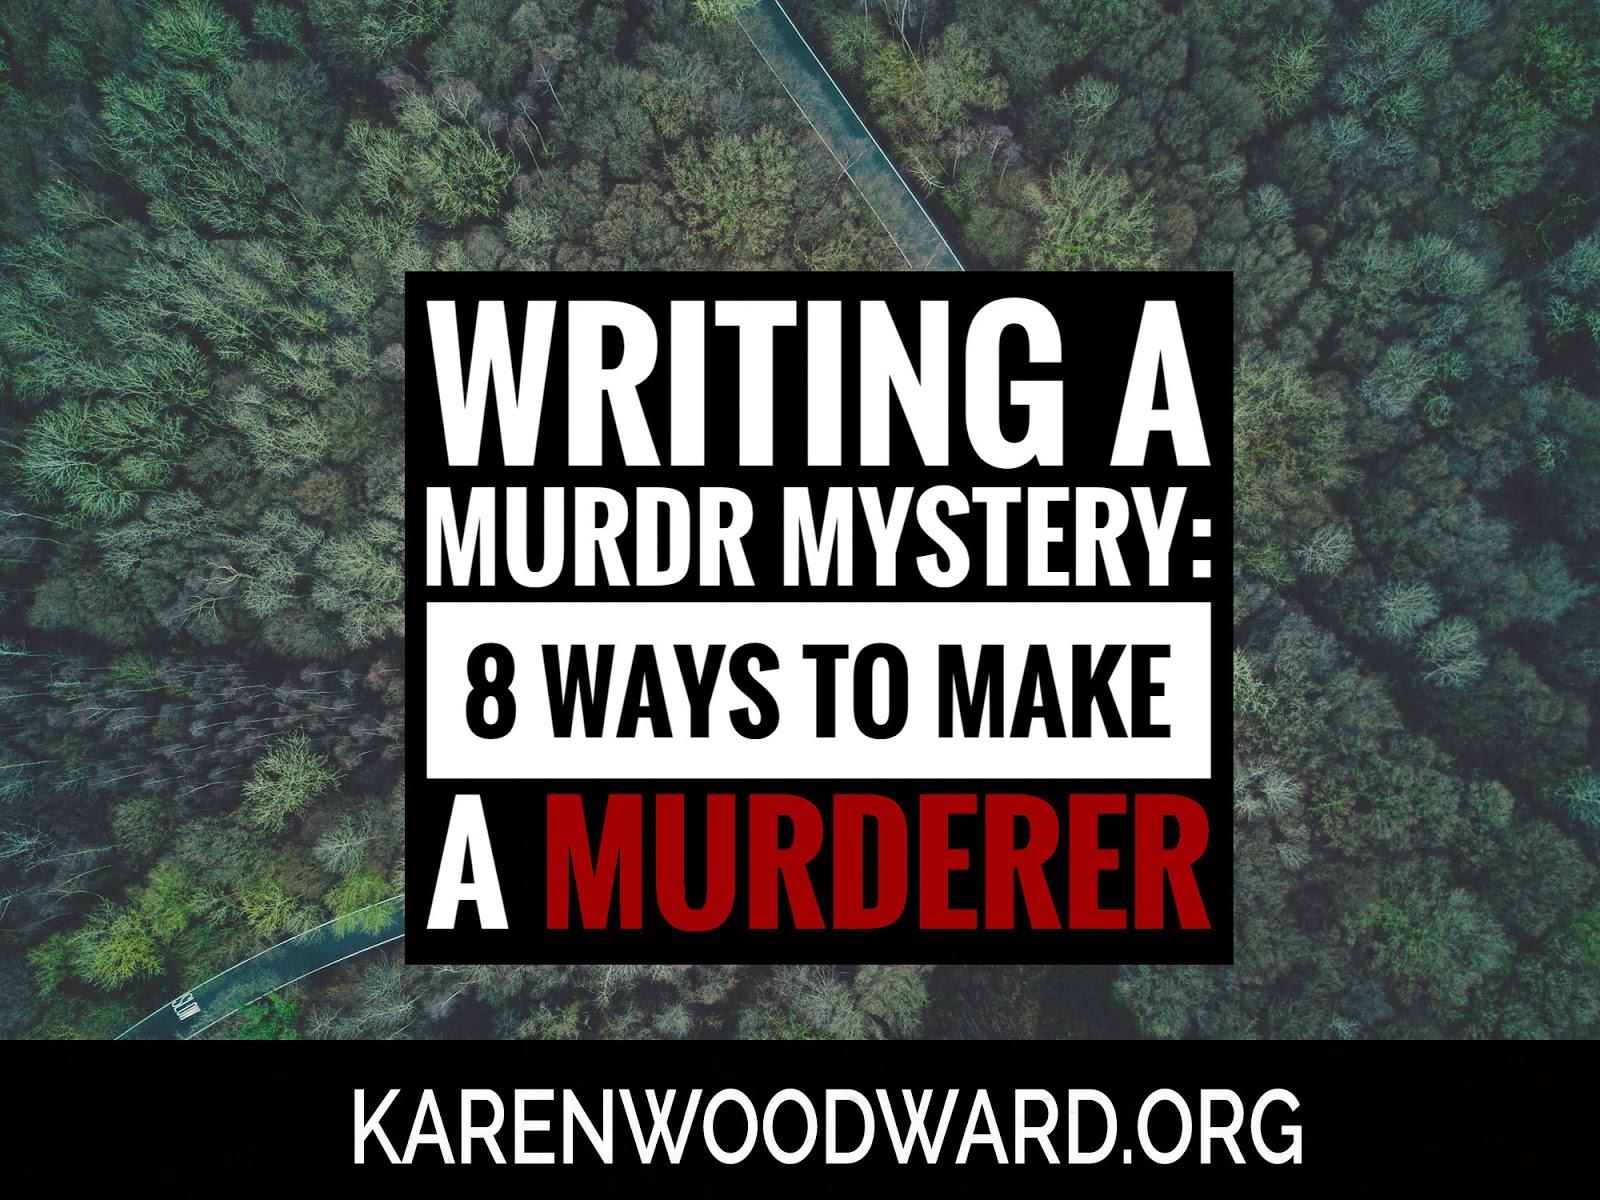 Karen Woodward: Writing a Murder Mystery: 8 Ways to Make a